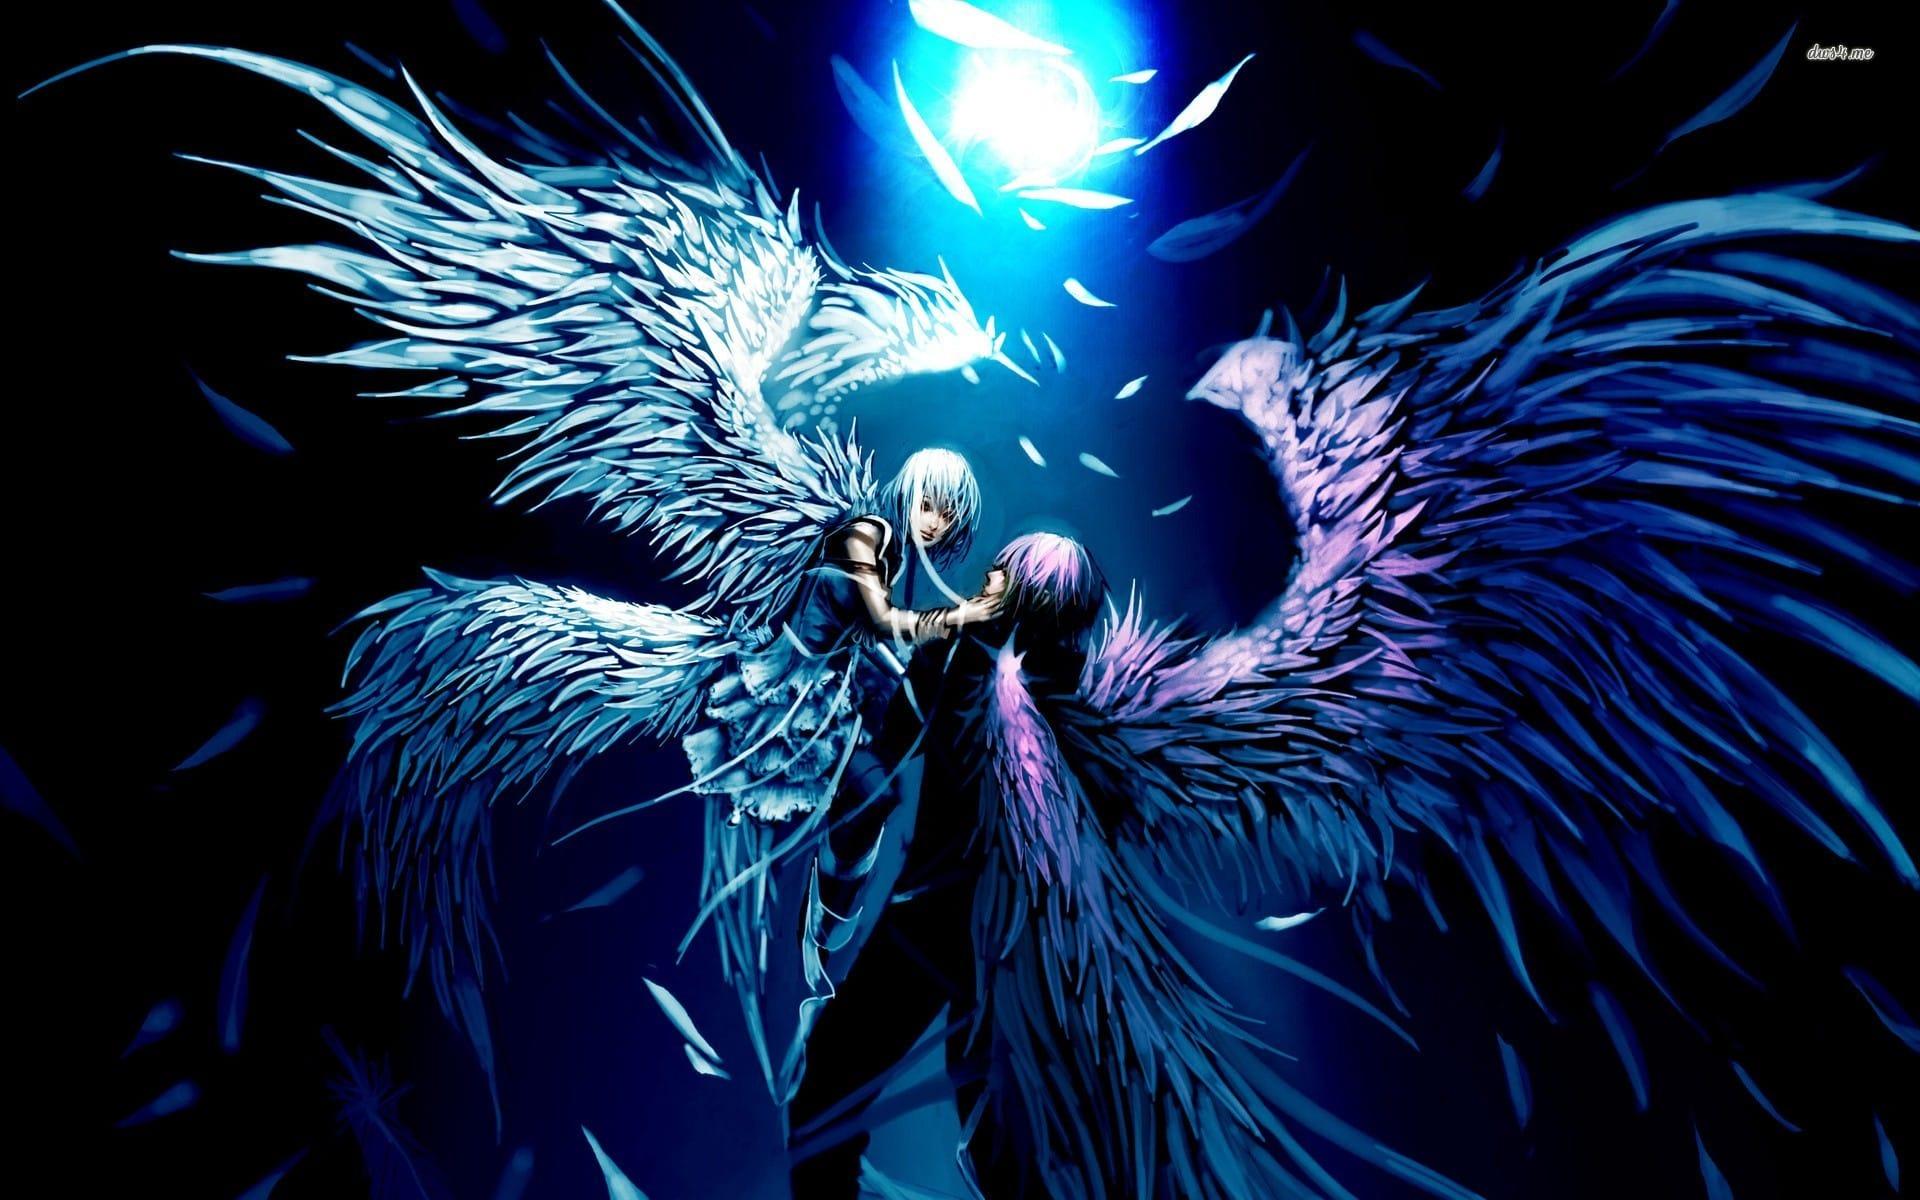 Hình ảnh thiên thần cực đẹp sà xuống